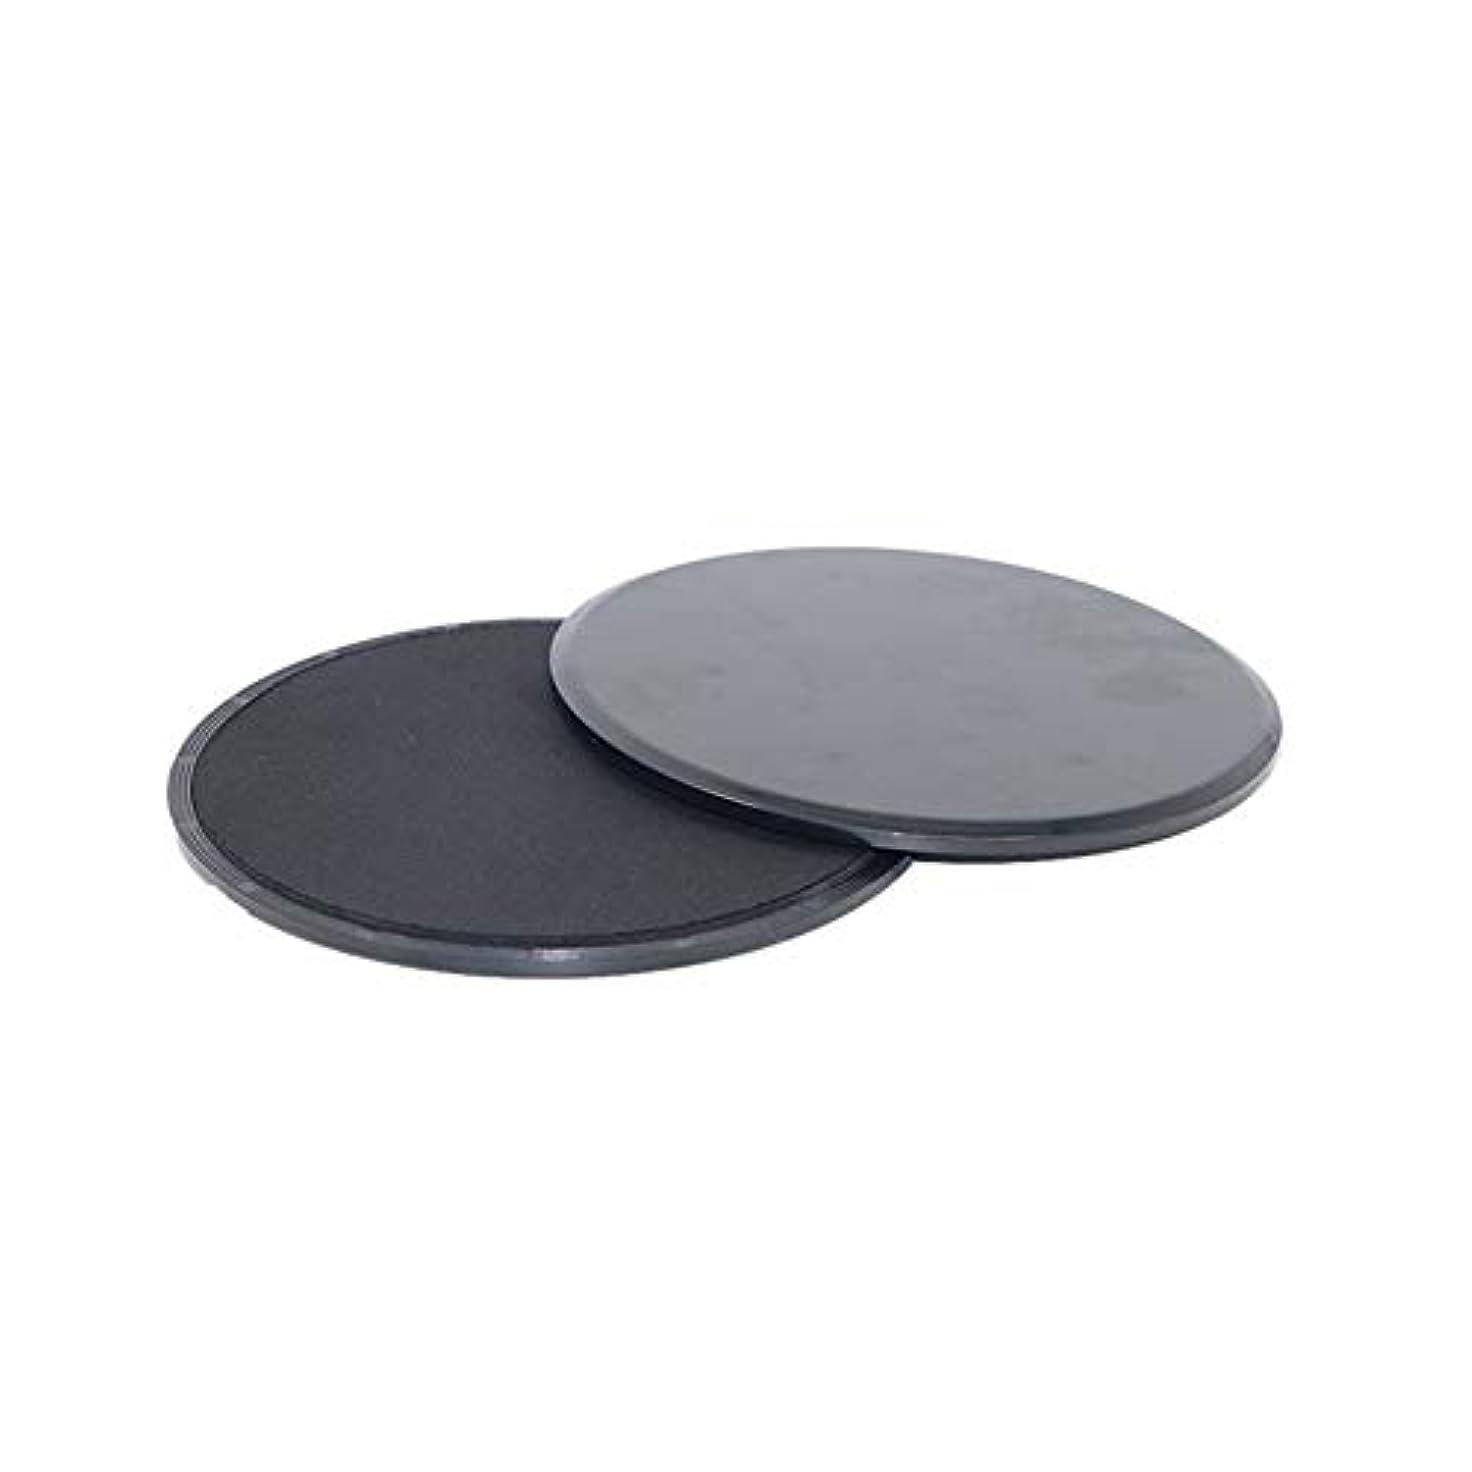 人ラバアラブ人フィットネススライドグライディングディスク調整能力フィットネスエクササイズスライダーコアトレーニング腹部と全身トレーニング用 - ブラック